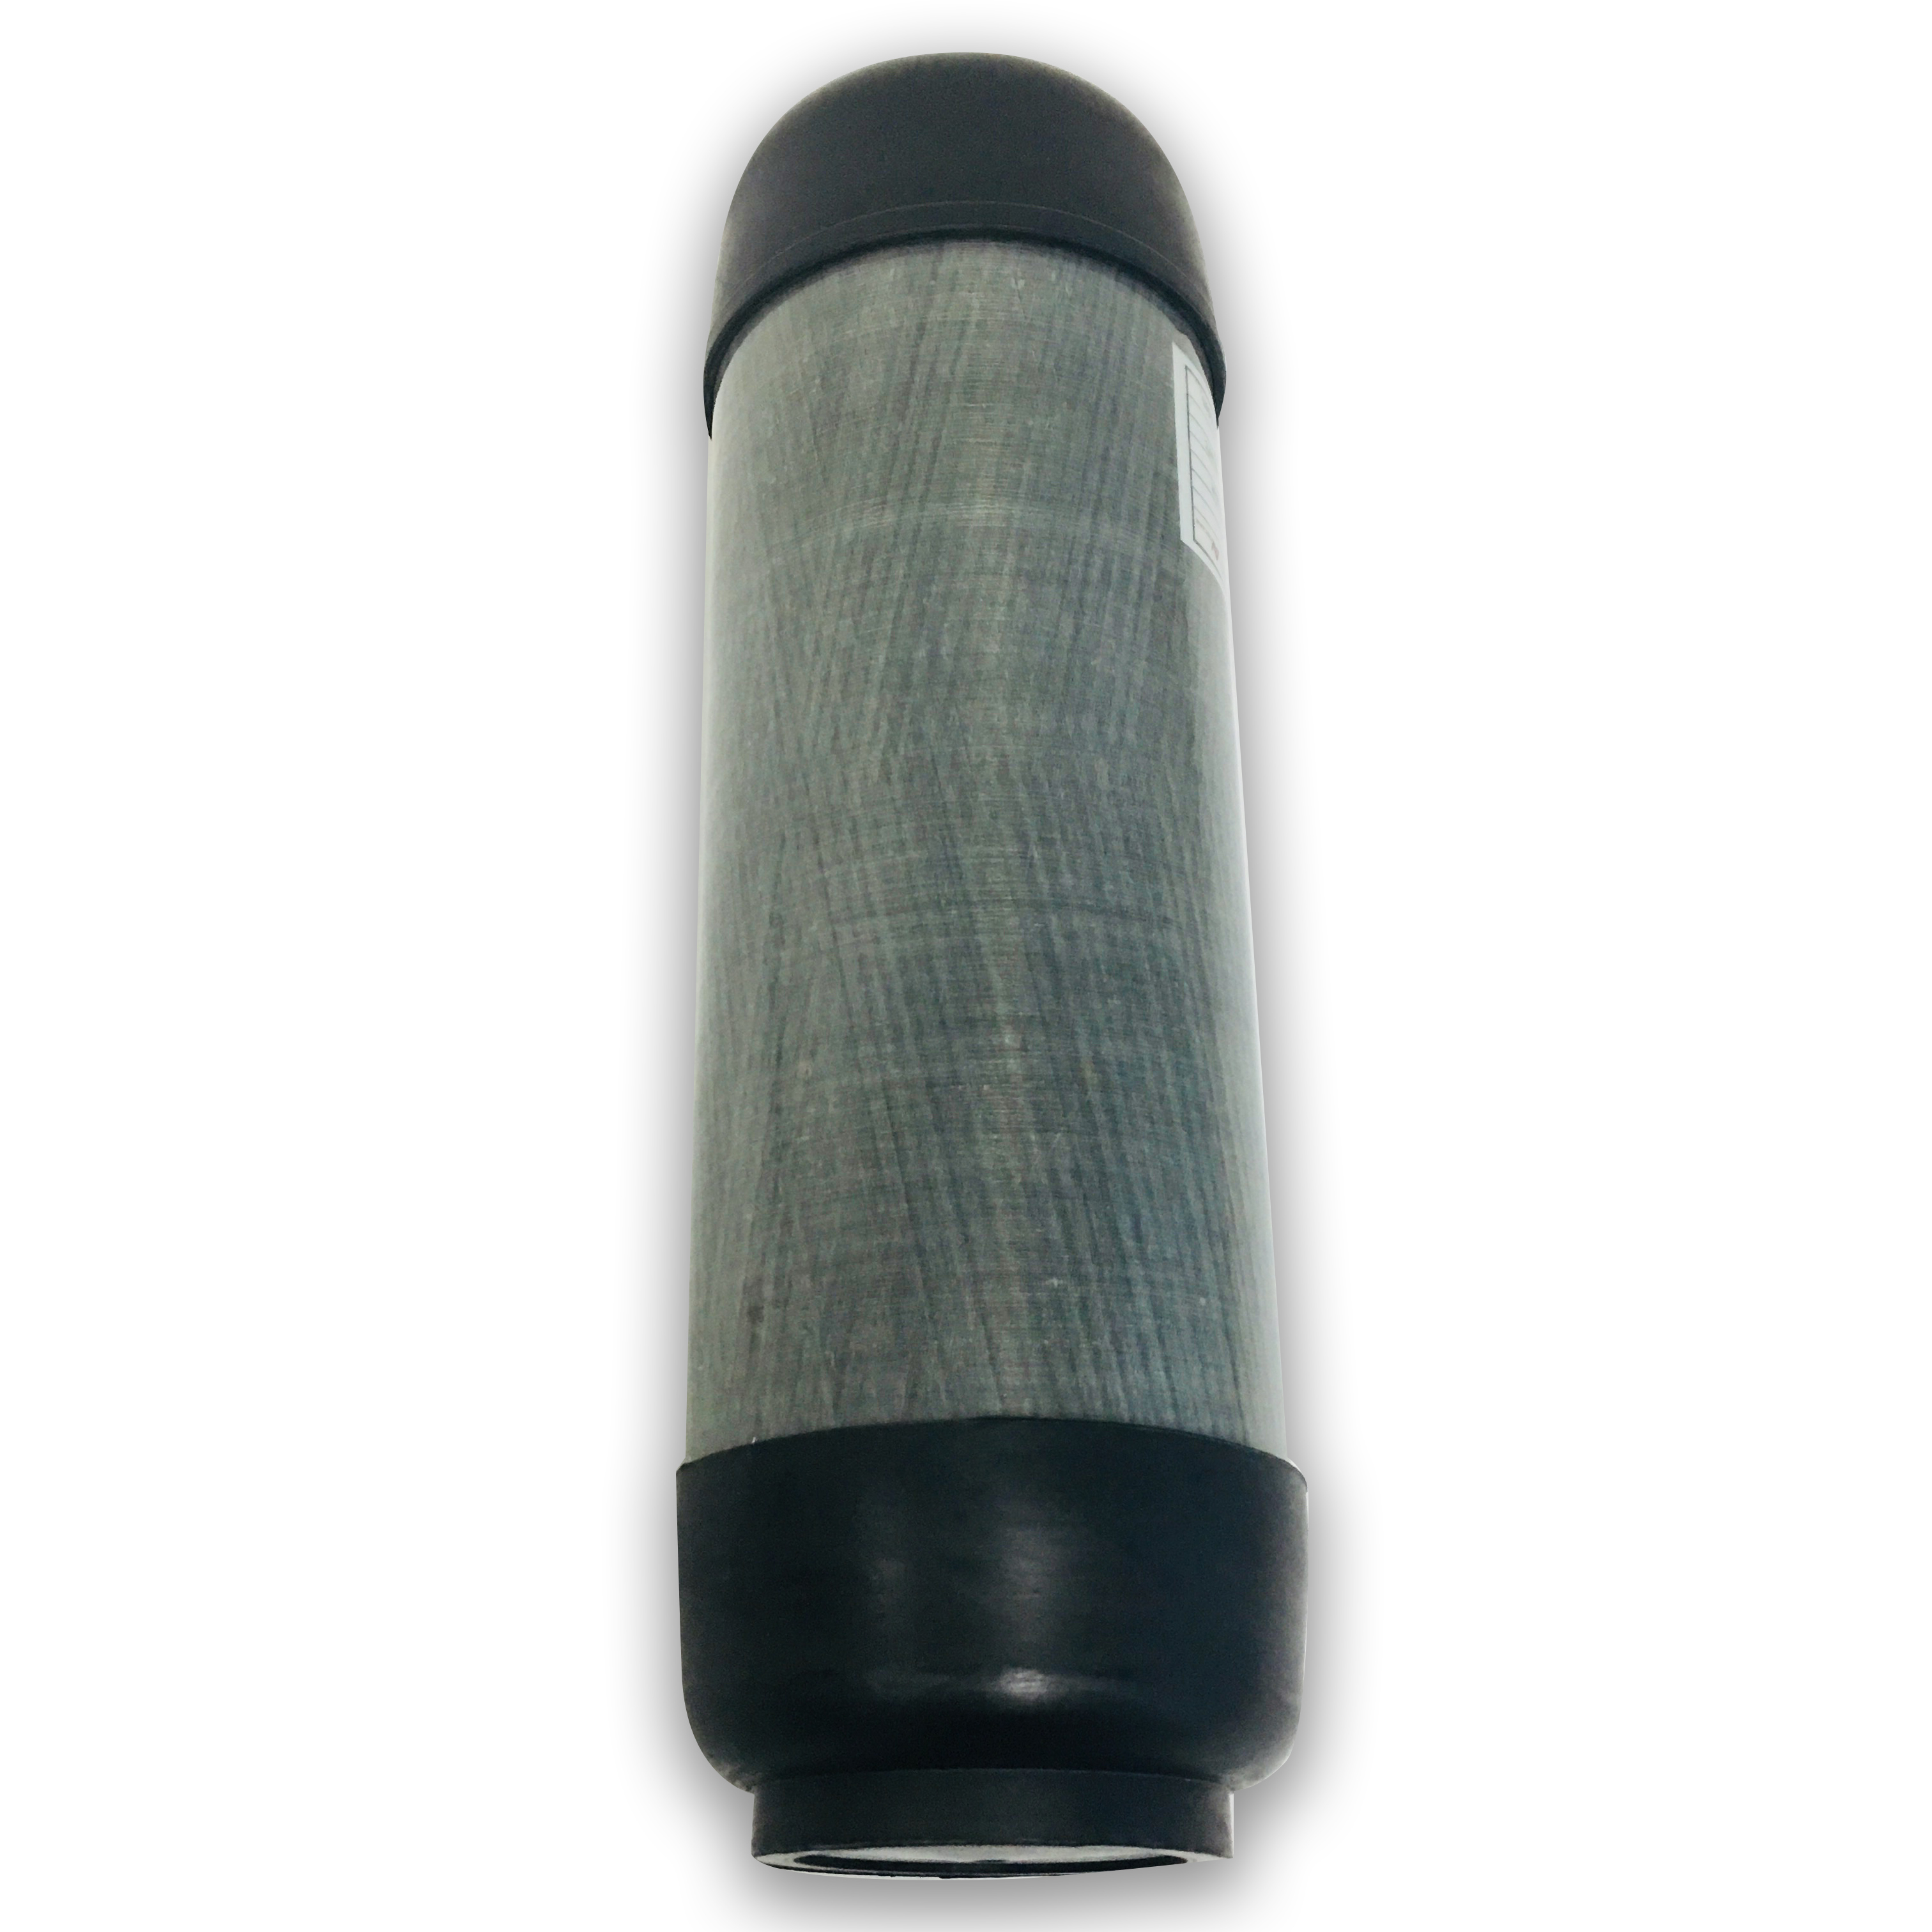 Image 5 - AC16830191 6.8L pcp пневматическая винтовка углеродное волокно газ/HPA/цилиндр для пейнтбола/бак и клапан и заполняющая Станция защиты резиновые чашки Acecare-in Пейнтбольные аксессуары from Спорт и развлечения on AliExpress - 11.11_Double 11_Singles' Day